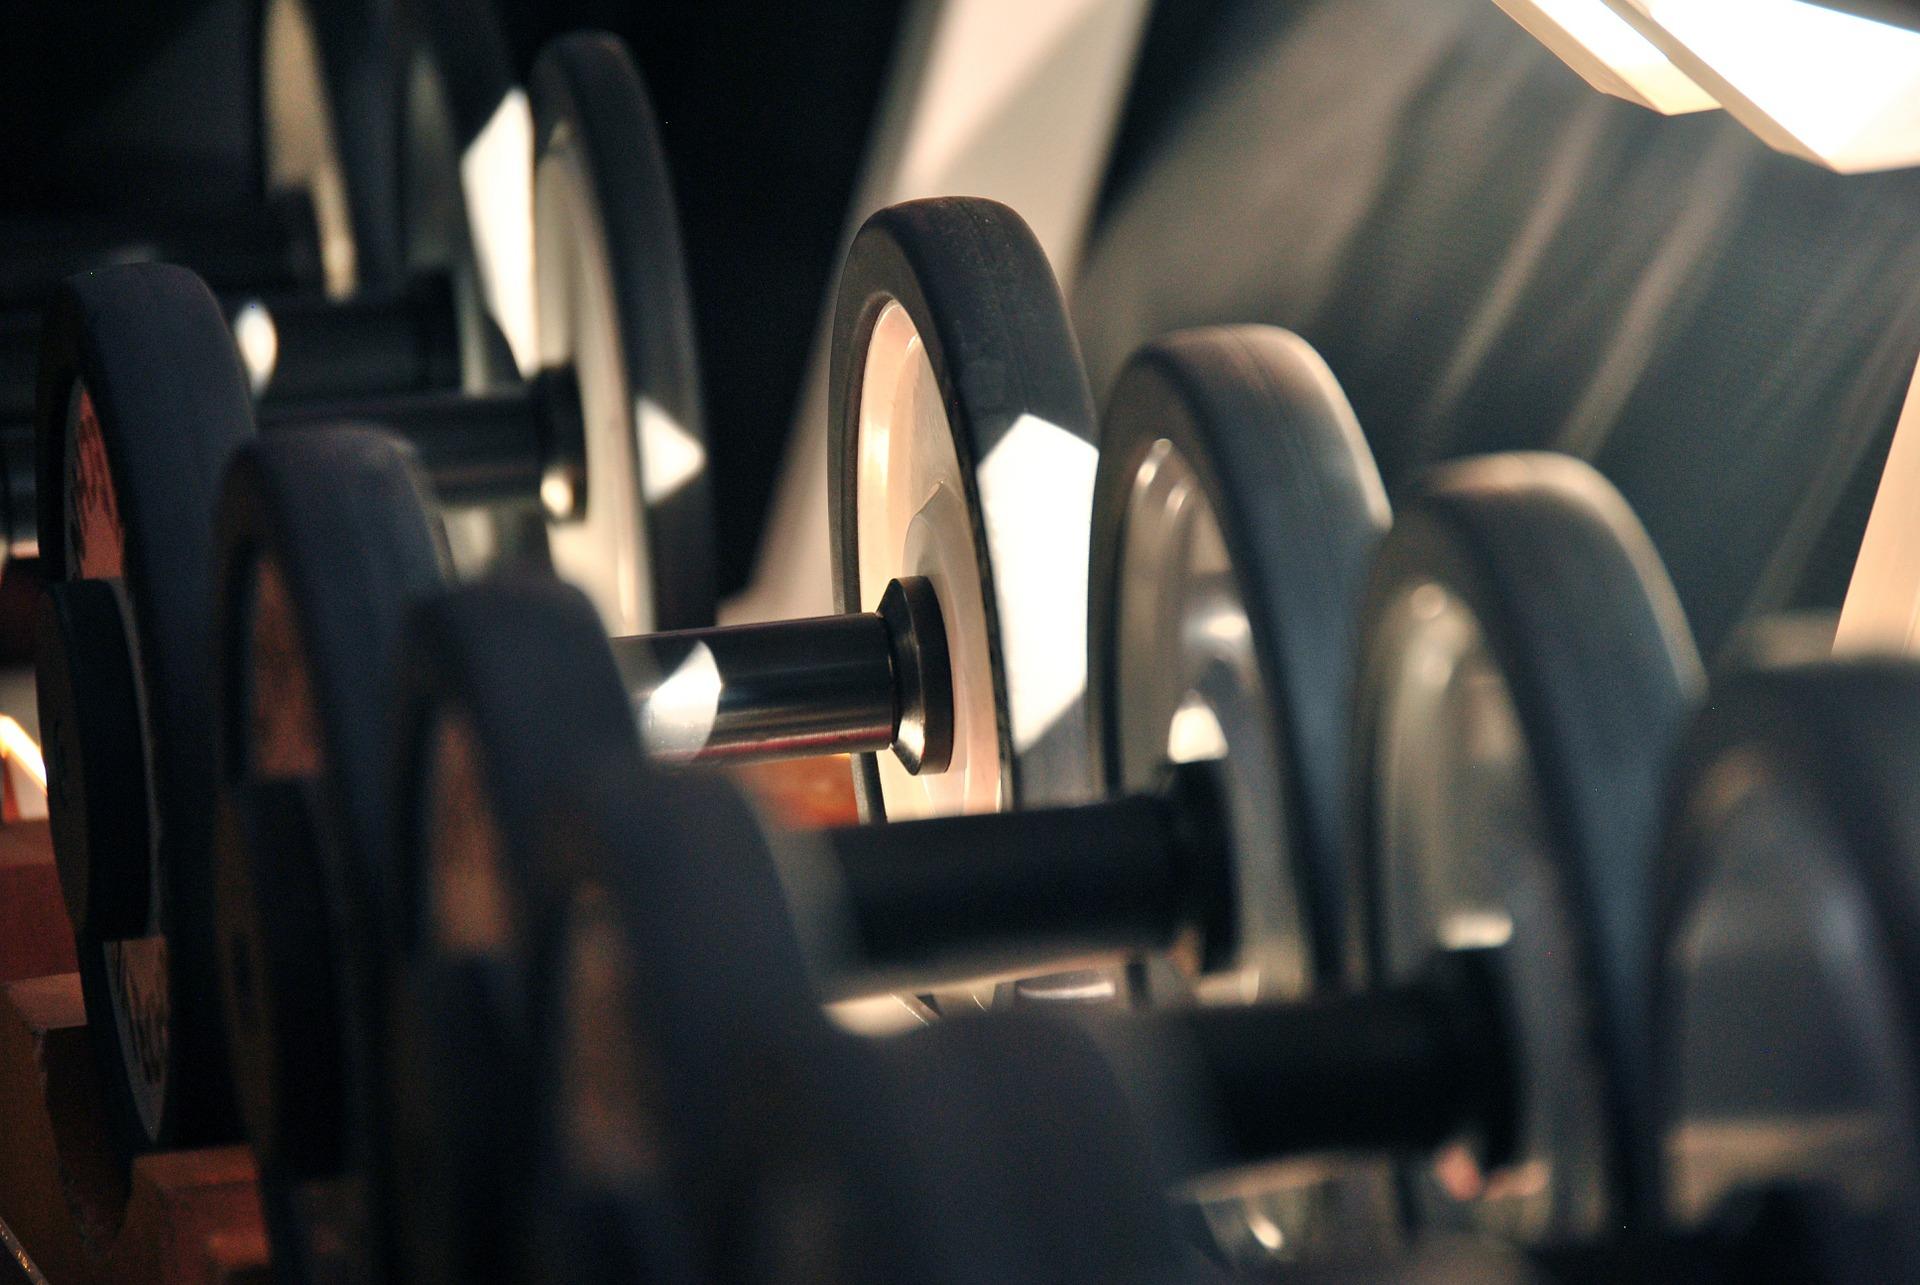 gym-546138_1920.jpg